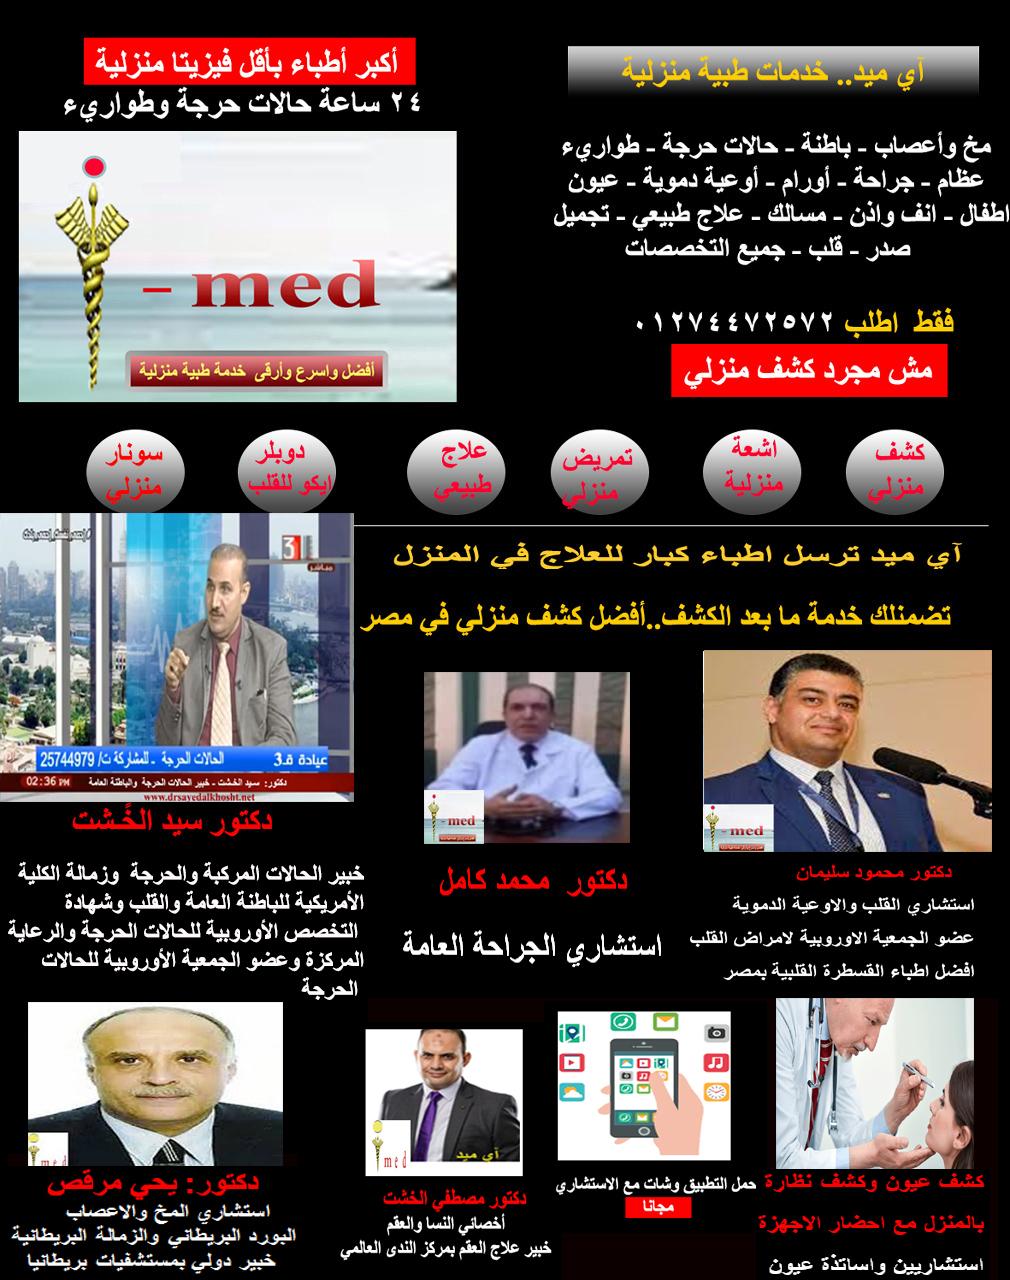 كشف منزلي  رقم 1 في مصر - دكتور زيارة منزلية القاهرة والجيزة01274472572